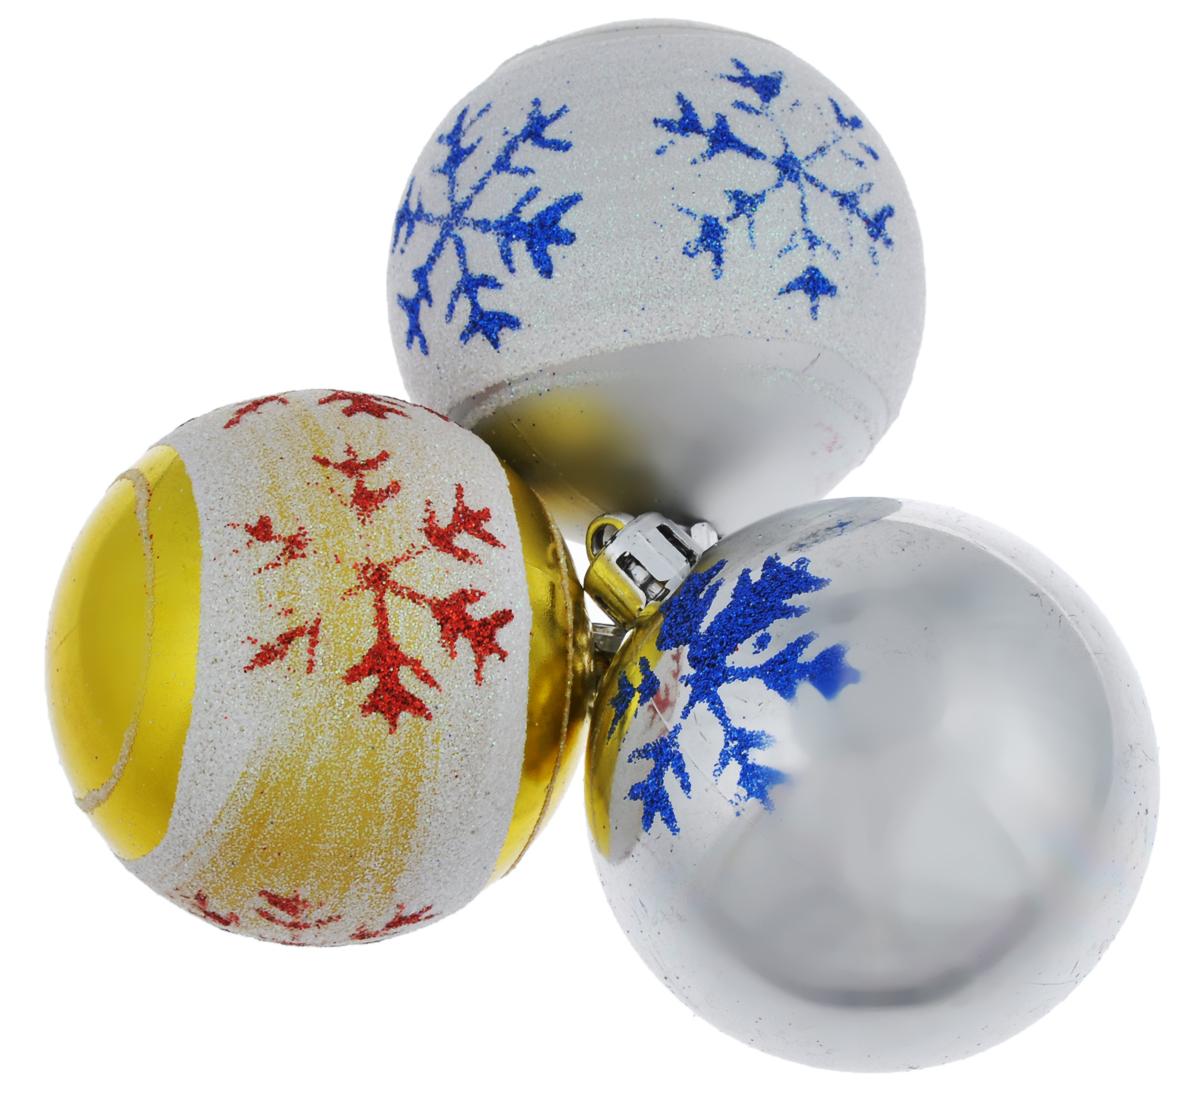 Набор новогодних подвесных украшений EuroHouse, цвет: бело-золотистый, серебристый, бело-серебристый, диаметр 6 см, 3 шт. ЕХ9268_1 - EuroHouseЕХ9268_1 золотистый, белый/1 серебристый/1 белый, серебристыйНабор новогодних подвесных украшений EuroHouse прекрасно подойдет для праздничного декора новогодней ели. Набор состоит из 2 пластиковых украшений в виде глянцевых шаров, один из которых с белой полоской, и 1 матовый, также с полосой из блесток. Для удобного размещения на елке для каждого изделия предусмотрена текстильная петелька. Елочная игрушка - символ Нового года. Она несет в себе волшебство и красоту праздника. Создайте в своем доме атмосферу веселья и радости, украшая новогоднюю елку нарядными игрушками, которые будут из года в год накапливать теплоту воспоминаний.